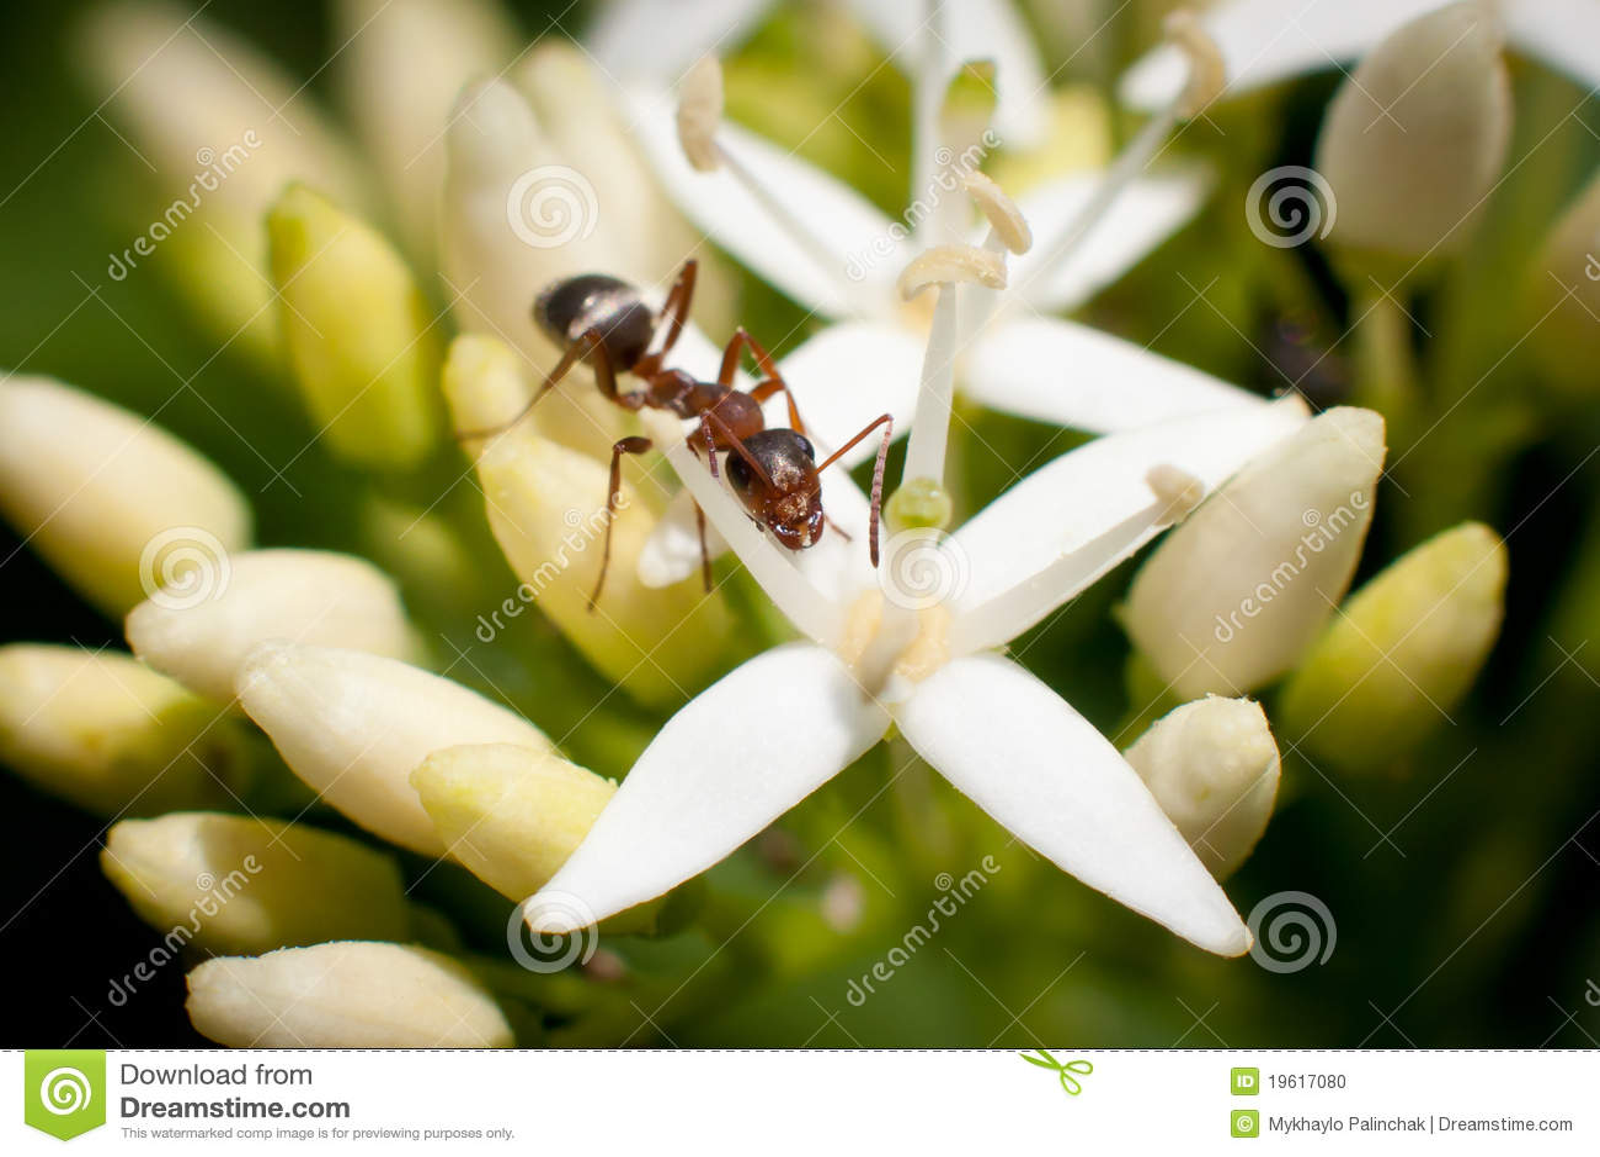 Macro brown ant